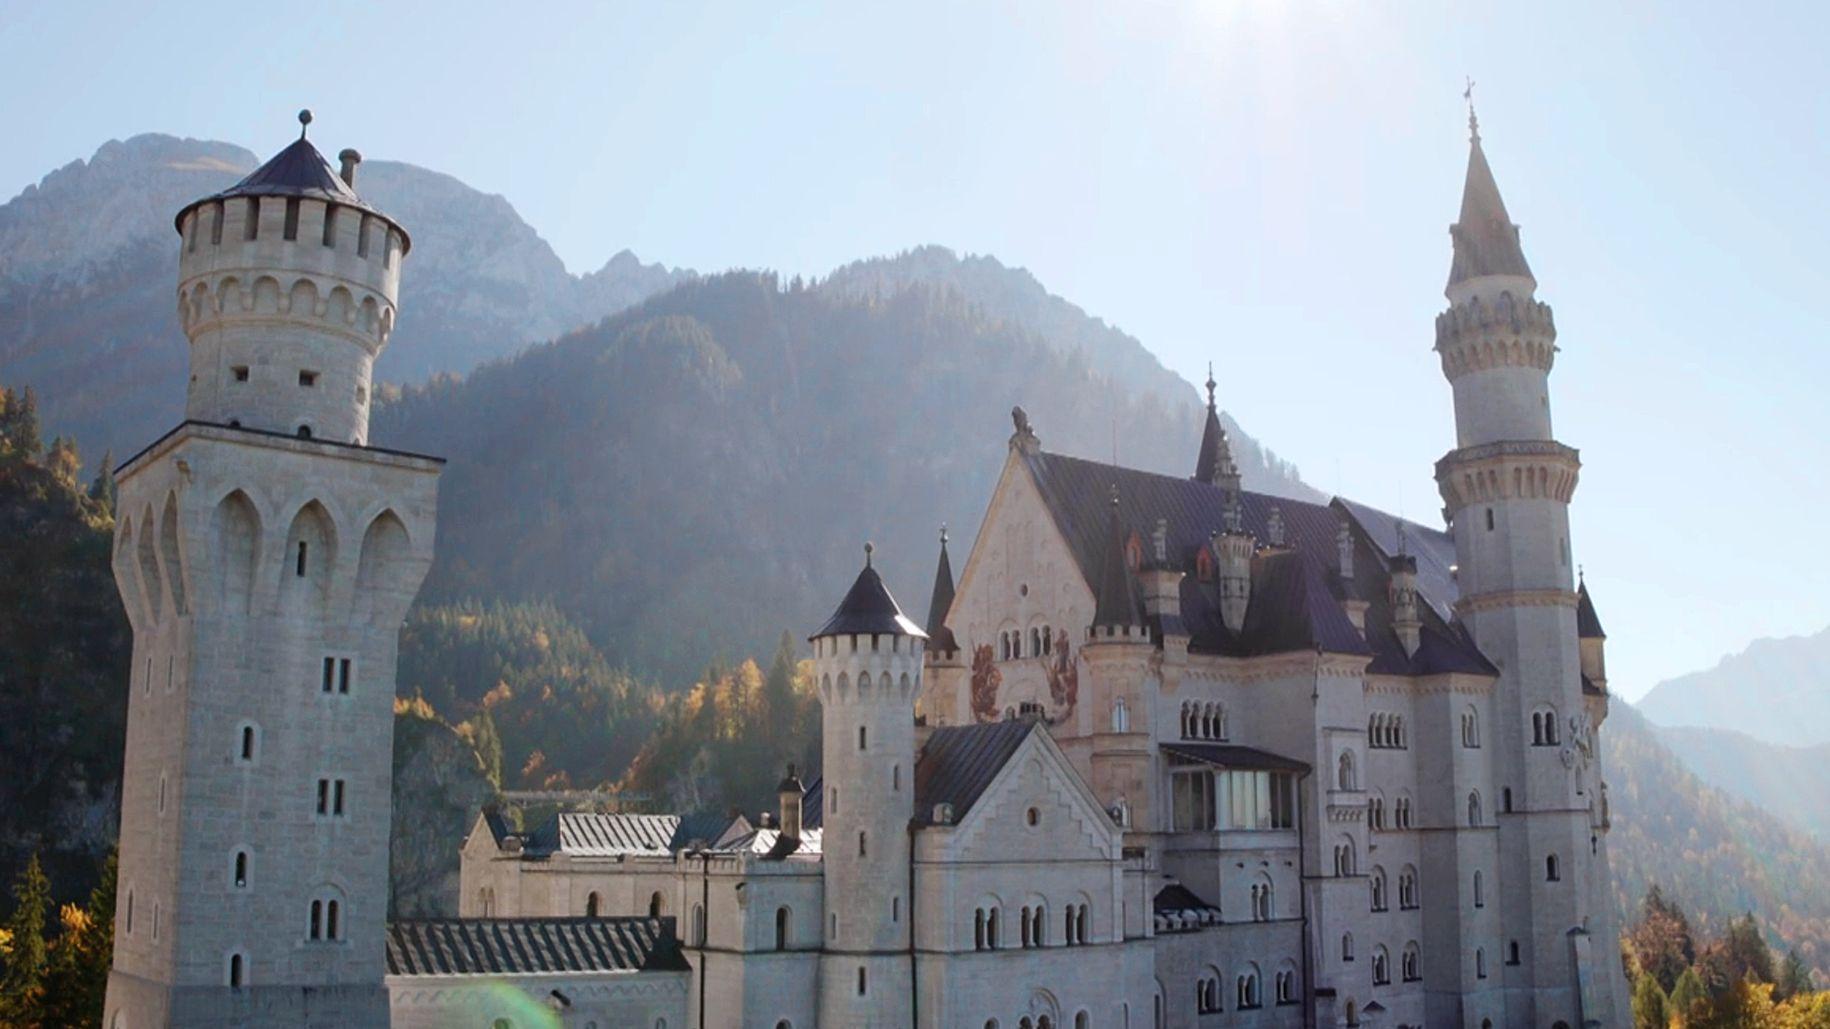 Es ist eine der bekanntesten Bildikonen der Welt: Schloss Neuschwanstein